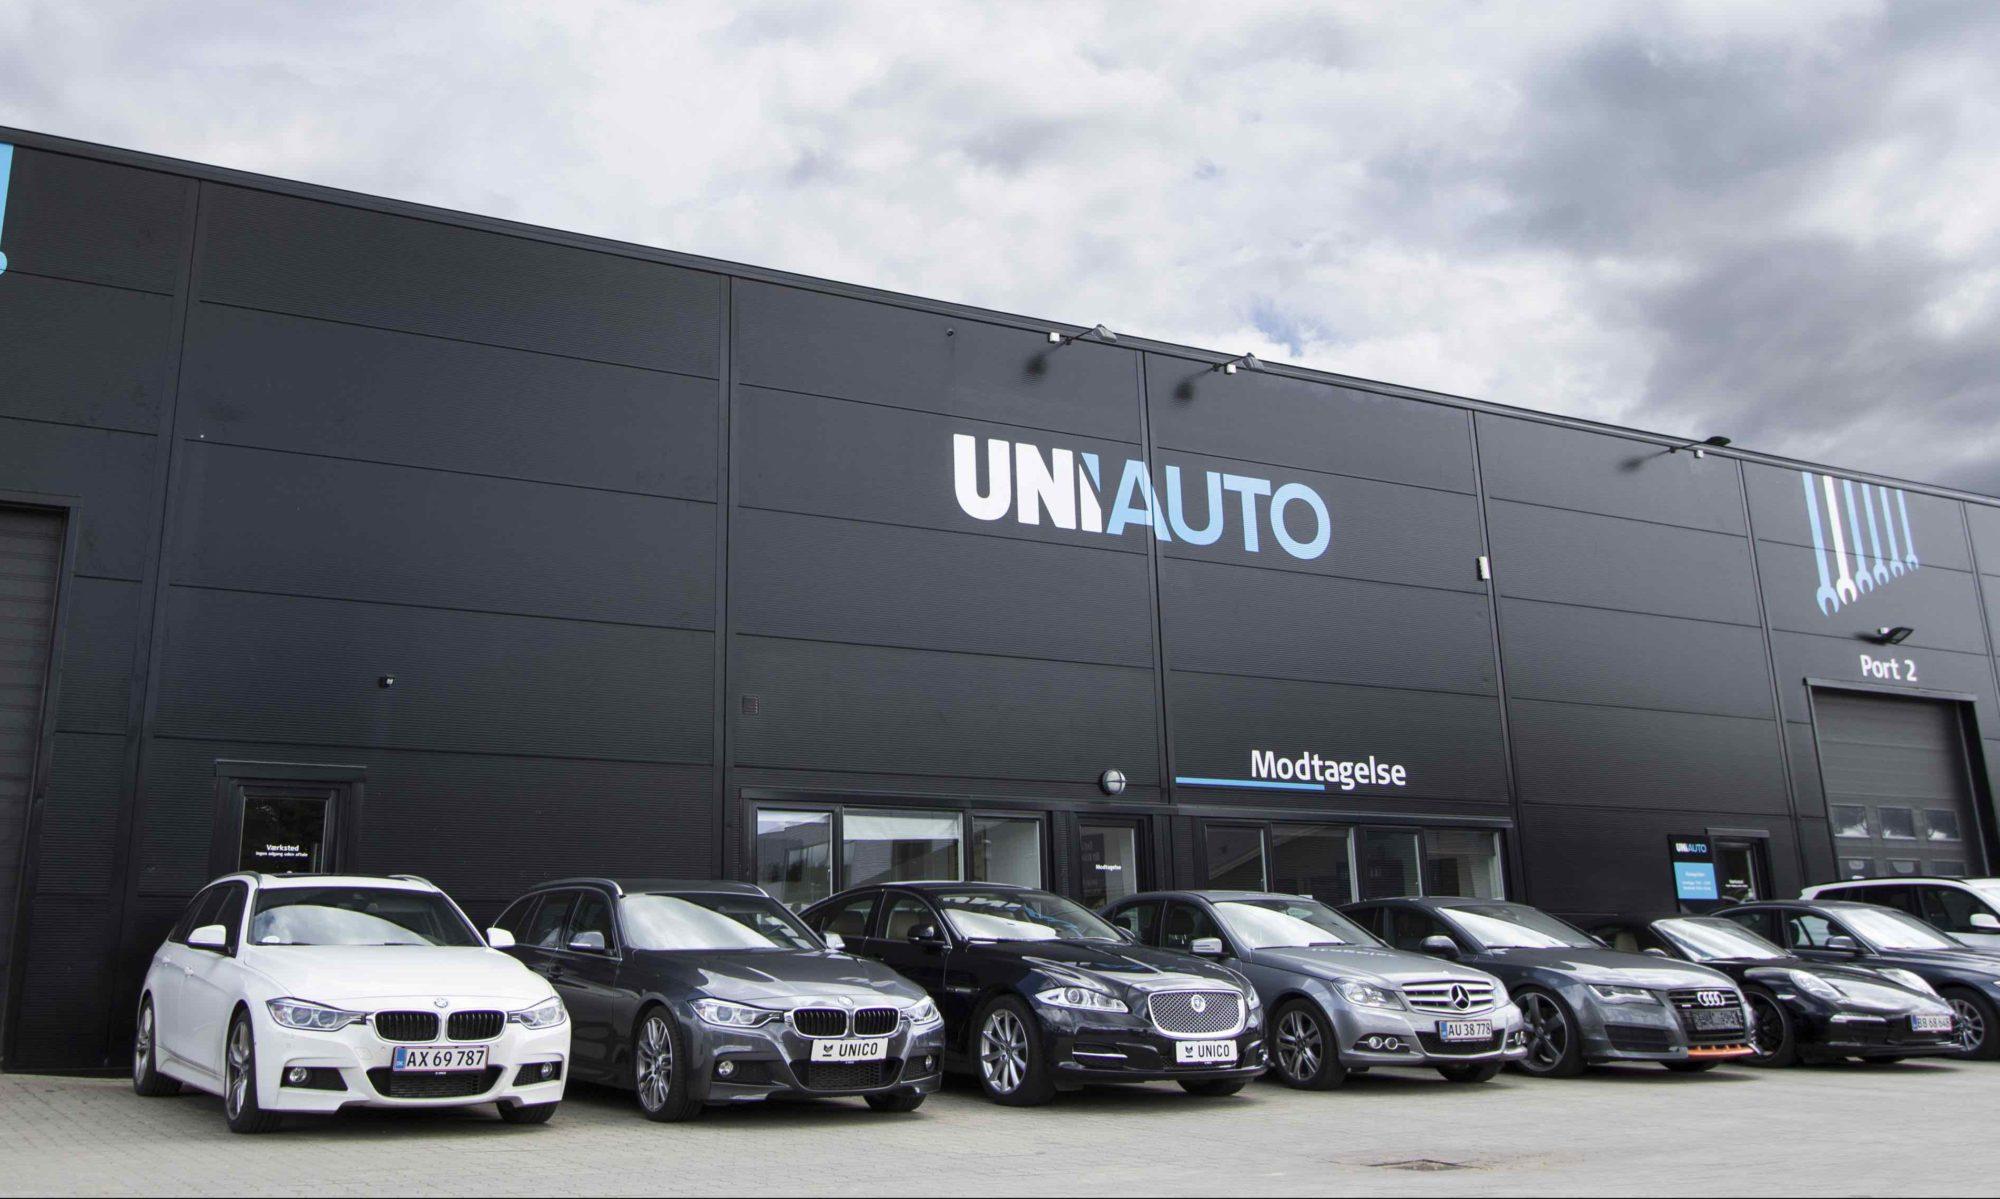 Uni-Auto A/S